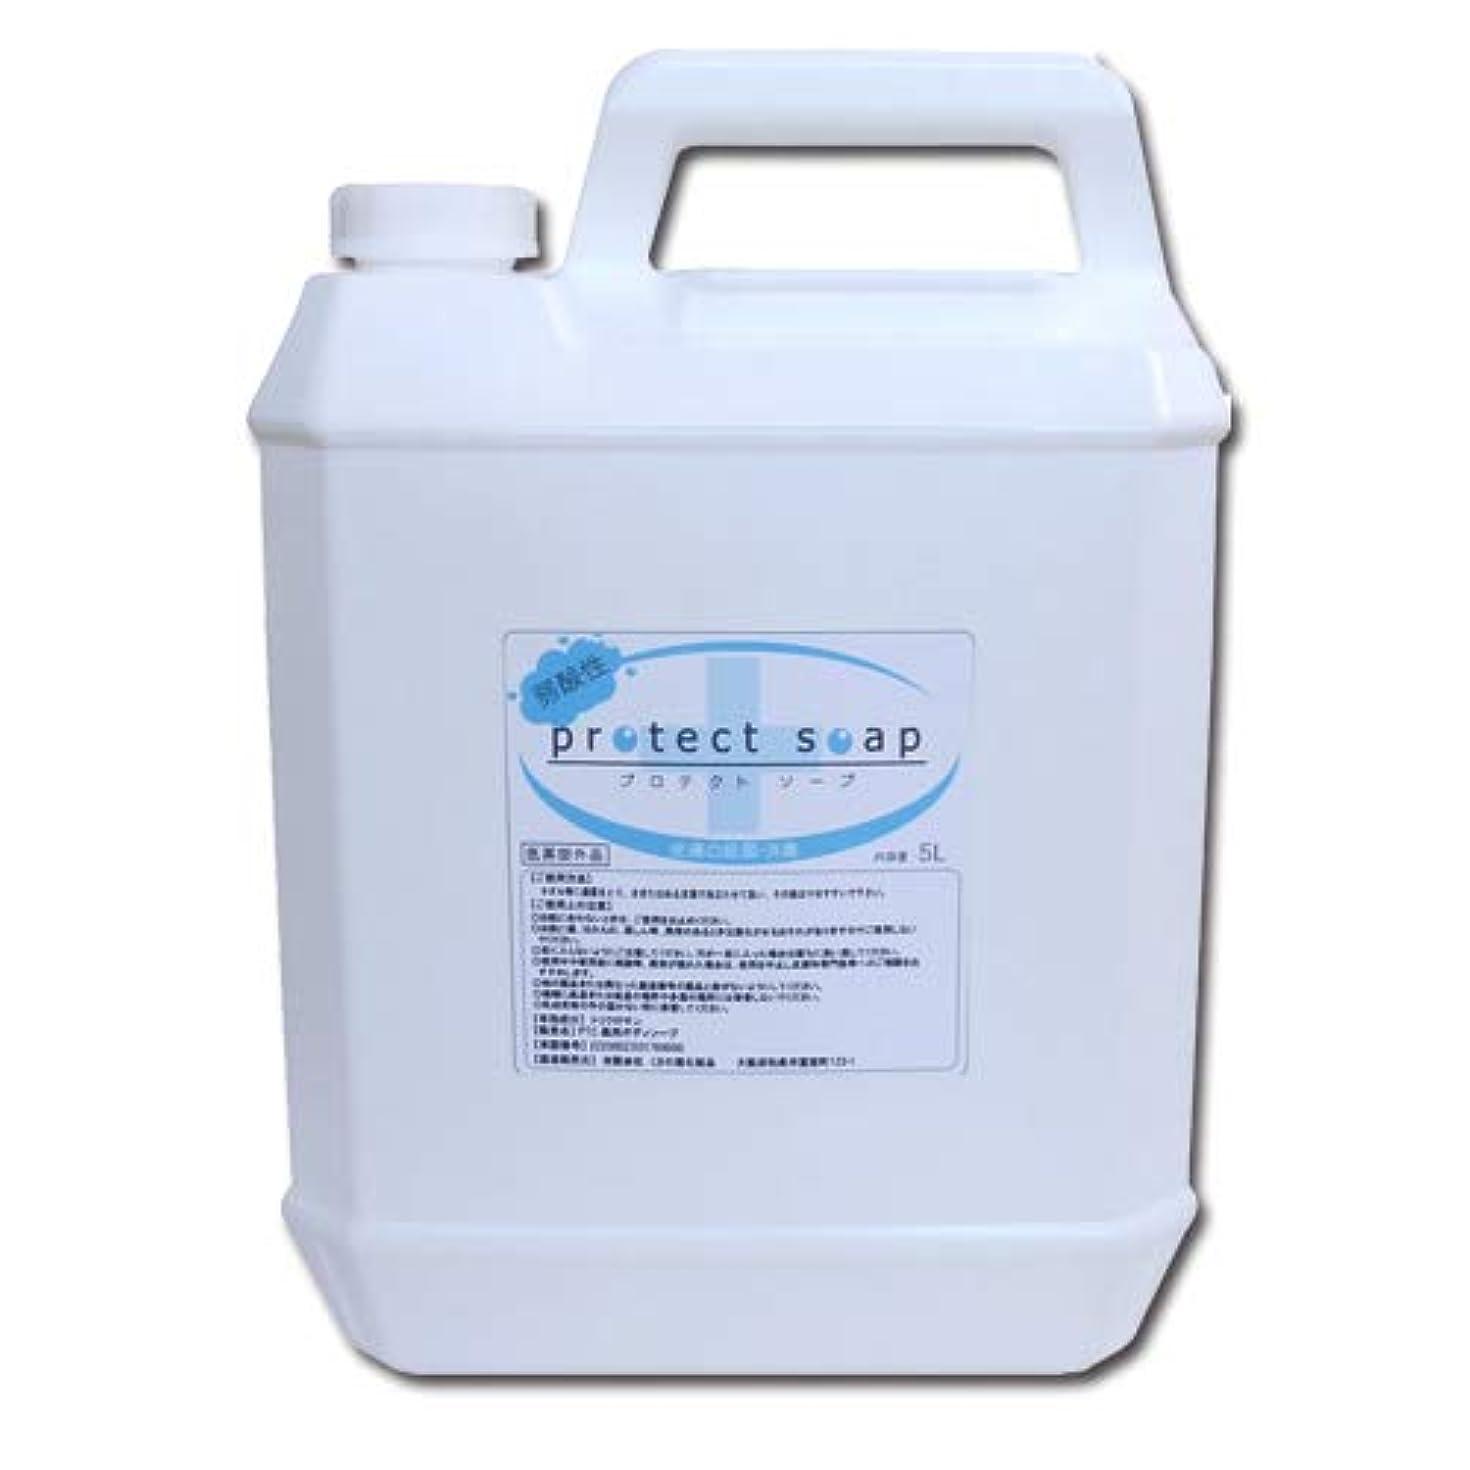 個性プロフィールほとんどない低刺激弱酸性 液体石鹸 プロテクトソープ 5L 業務用│せっけん液 液体せっけん 殺菌?消毒 インフルエンザ?ノロウィルス対策